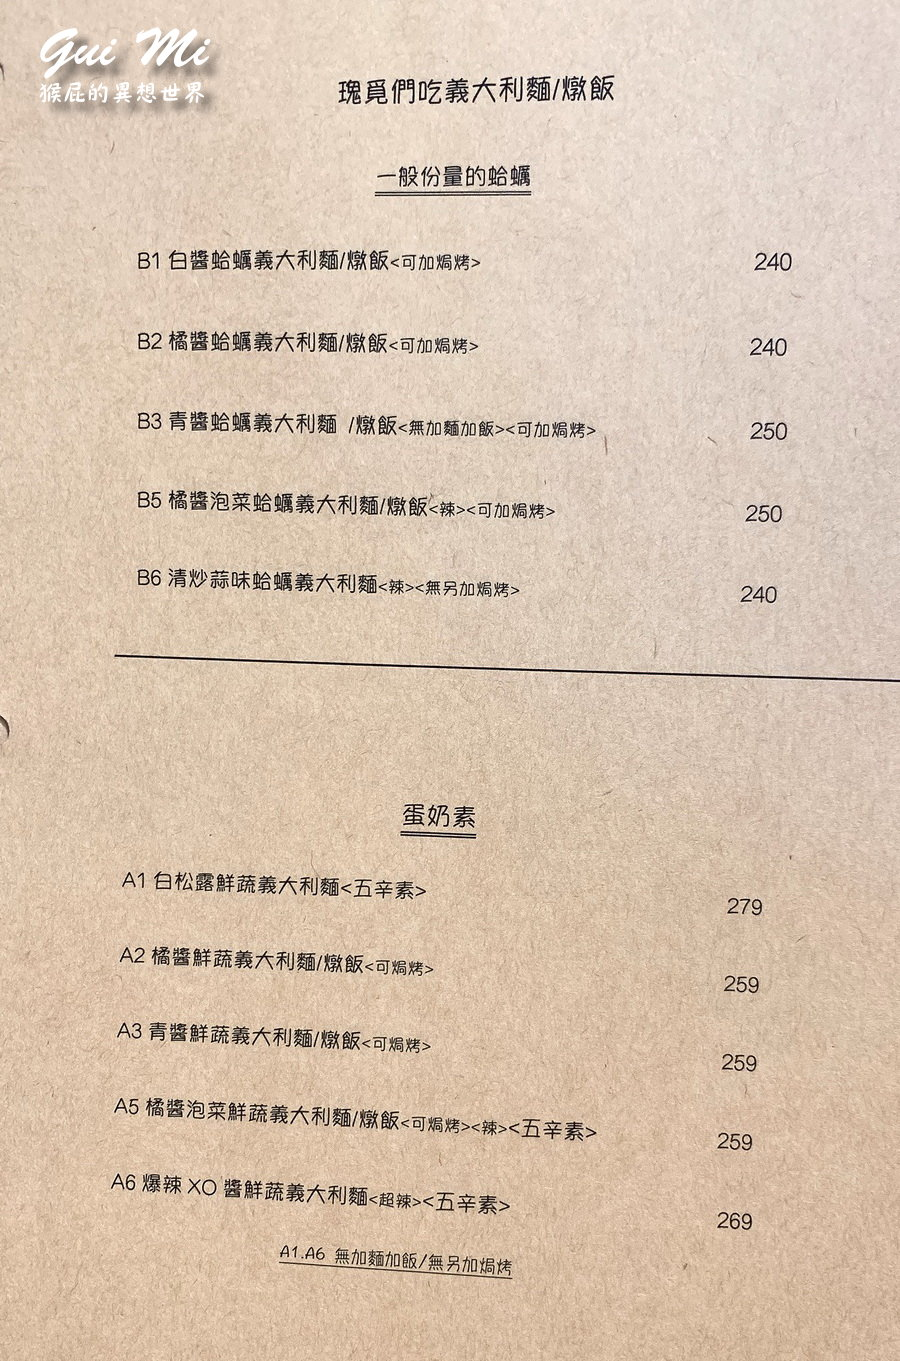 【逢甲美食】瑰覓Gui Mi逢甲義大利麵推薦!台中ig打卡美食!加麵免費!內有瑰覓gui mi菜單!(逢甲美食餐廳推薦、逢甲網美餐廳) @猴屁的異想世界